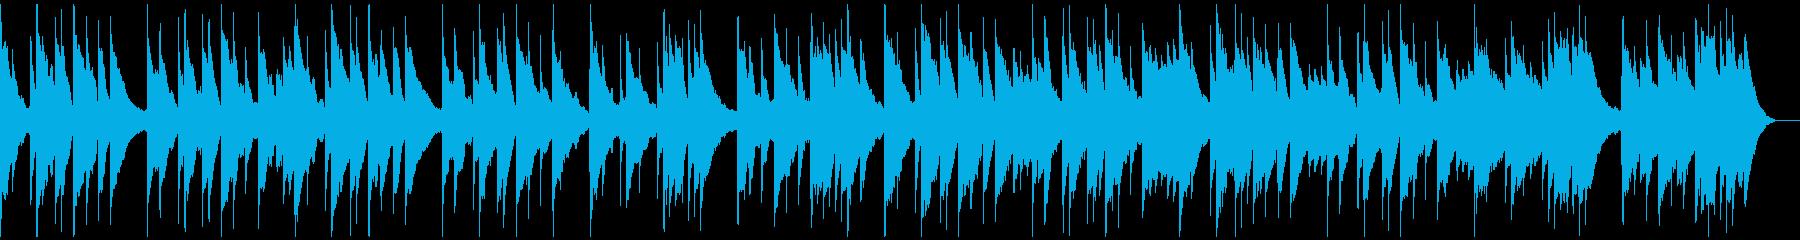 旋律が印象的なバラードの再生済みの波形